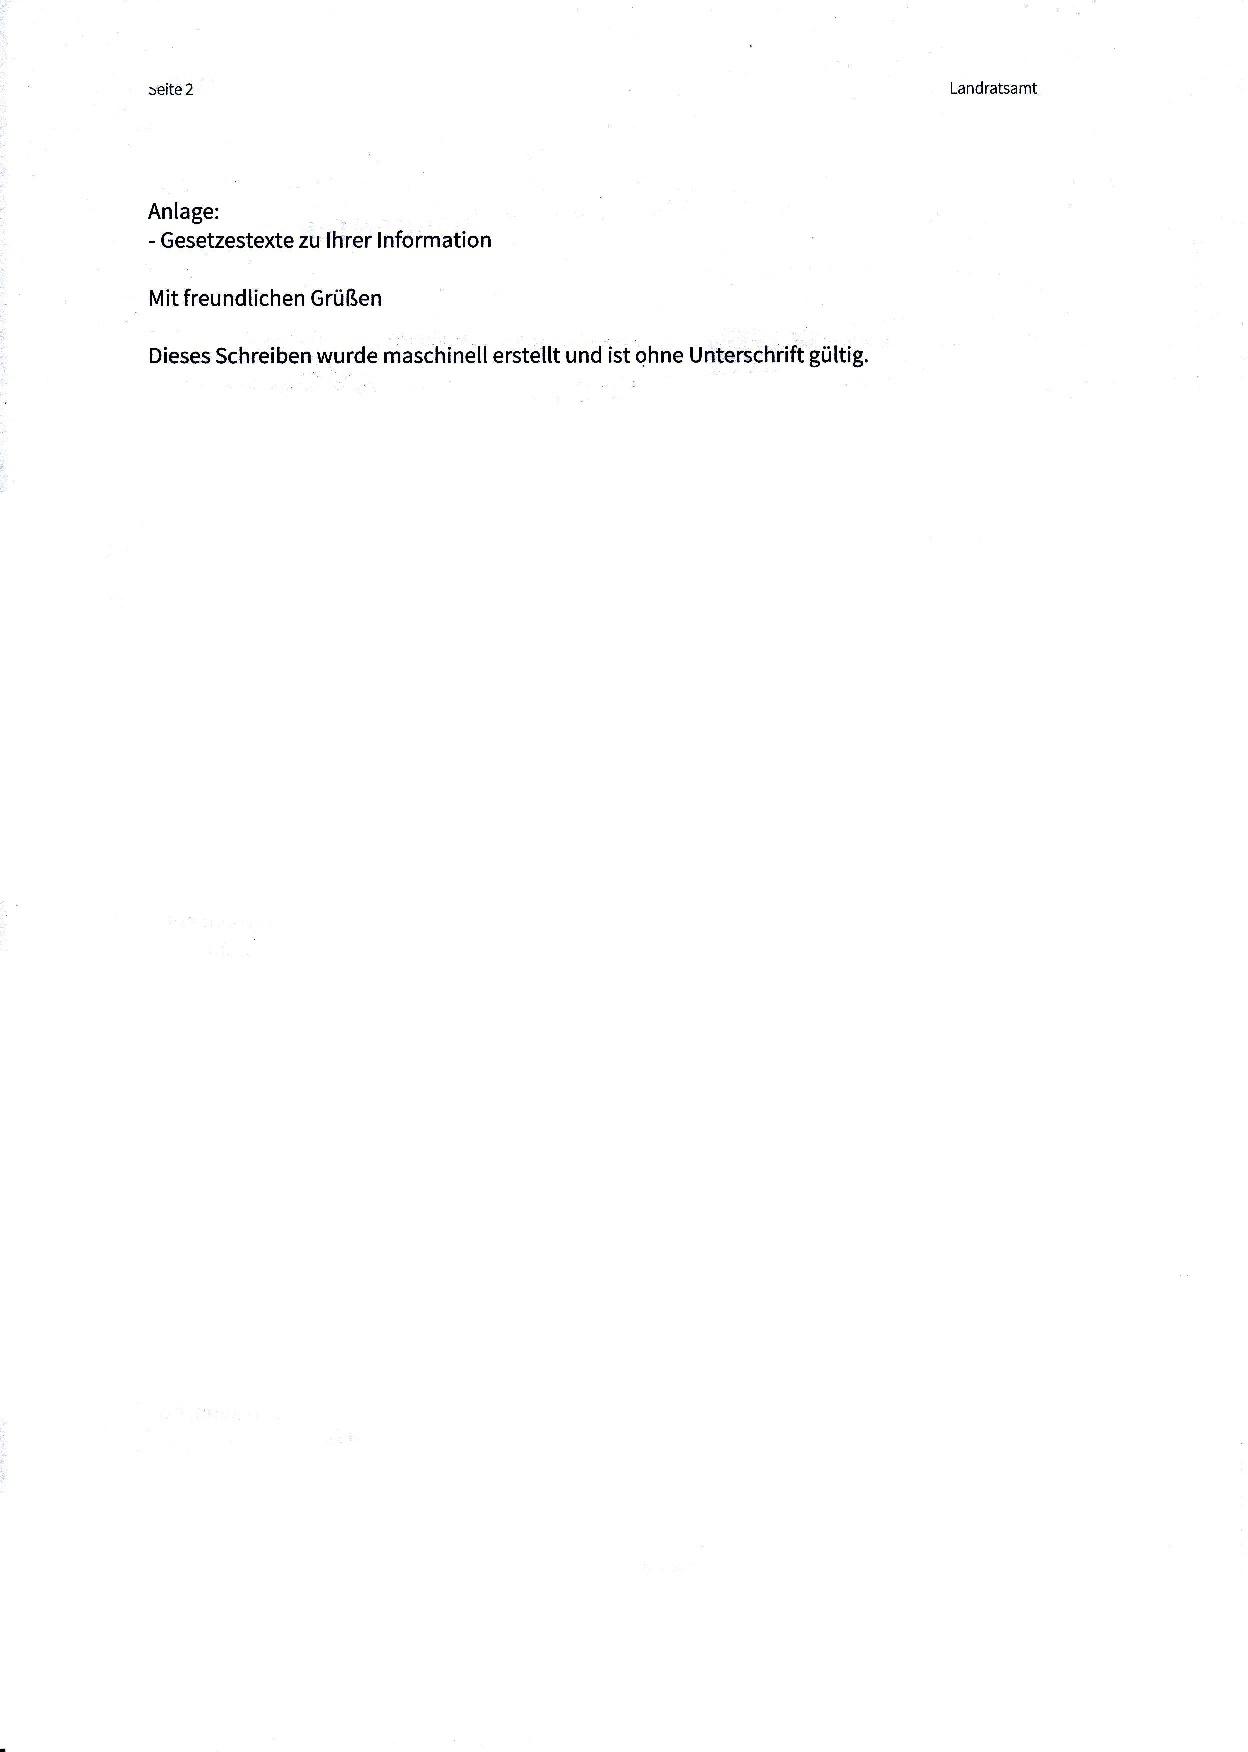 Betriebskostenabrechnung 2017 Problem - ALG-Ratgeber - Hilfe zur ...